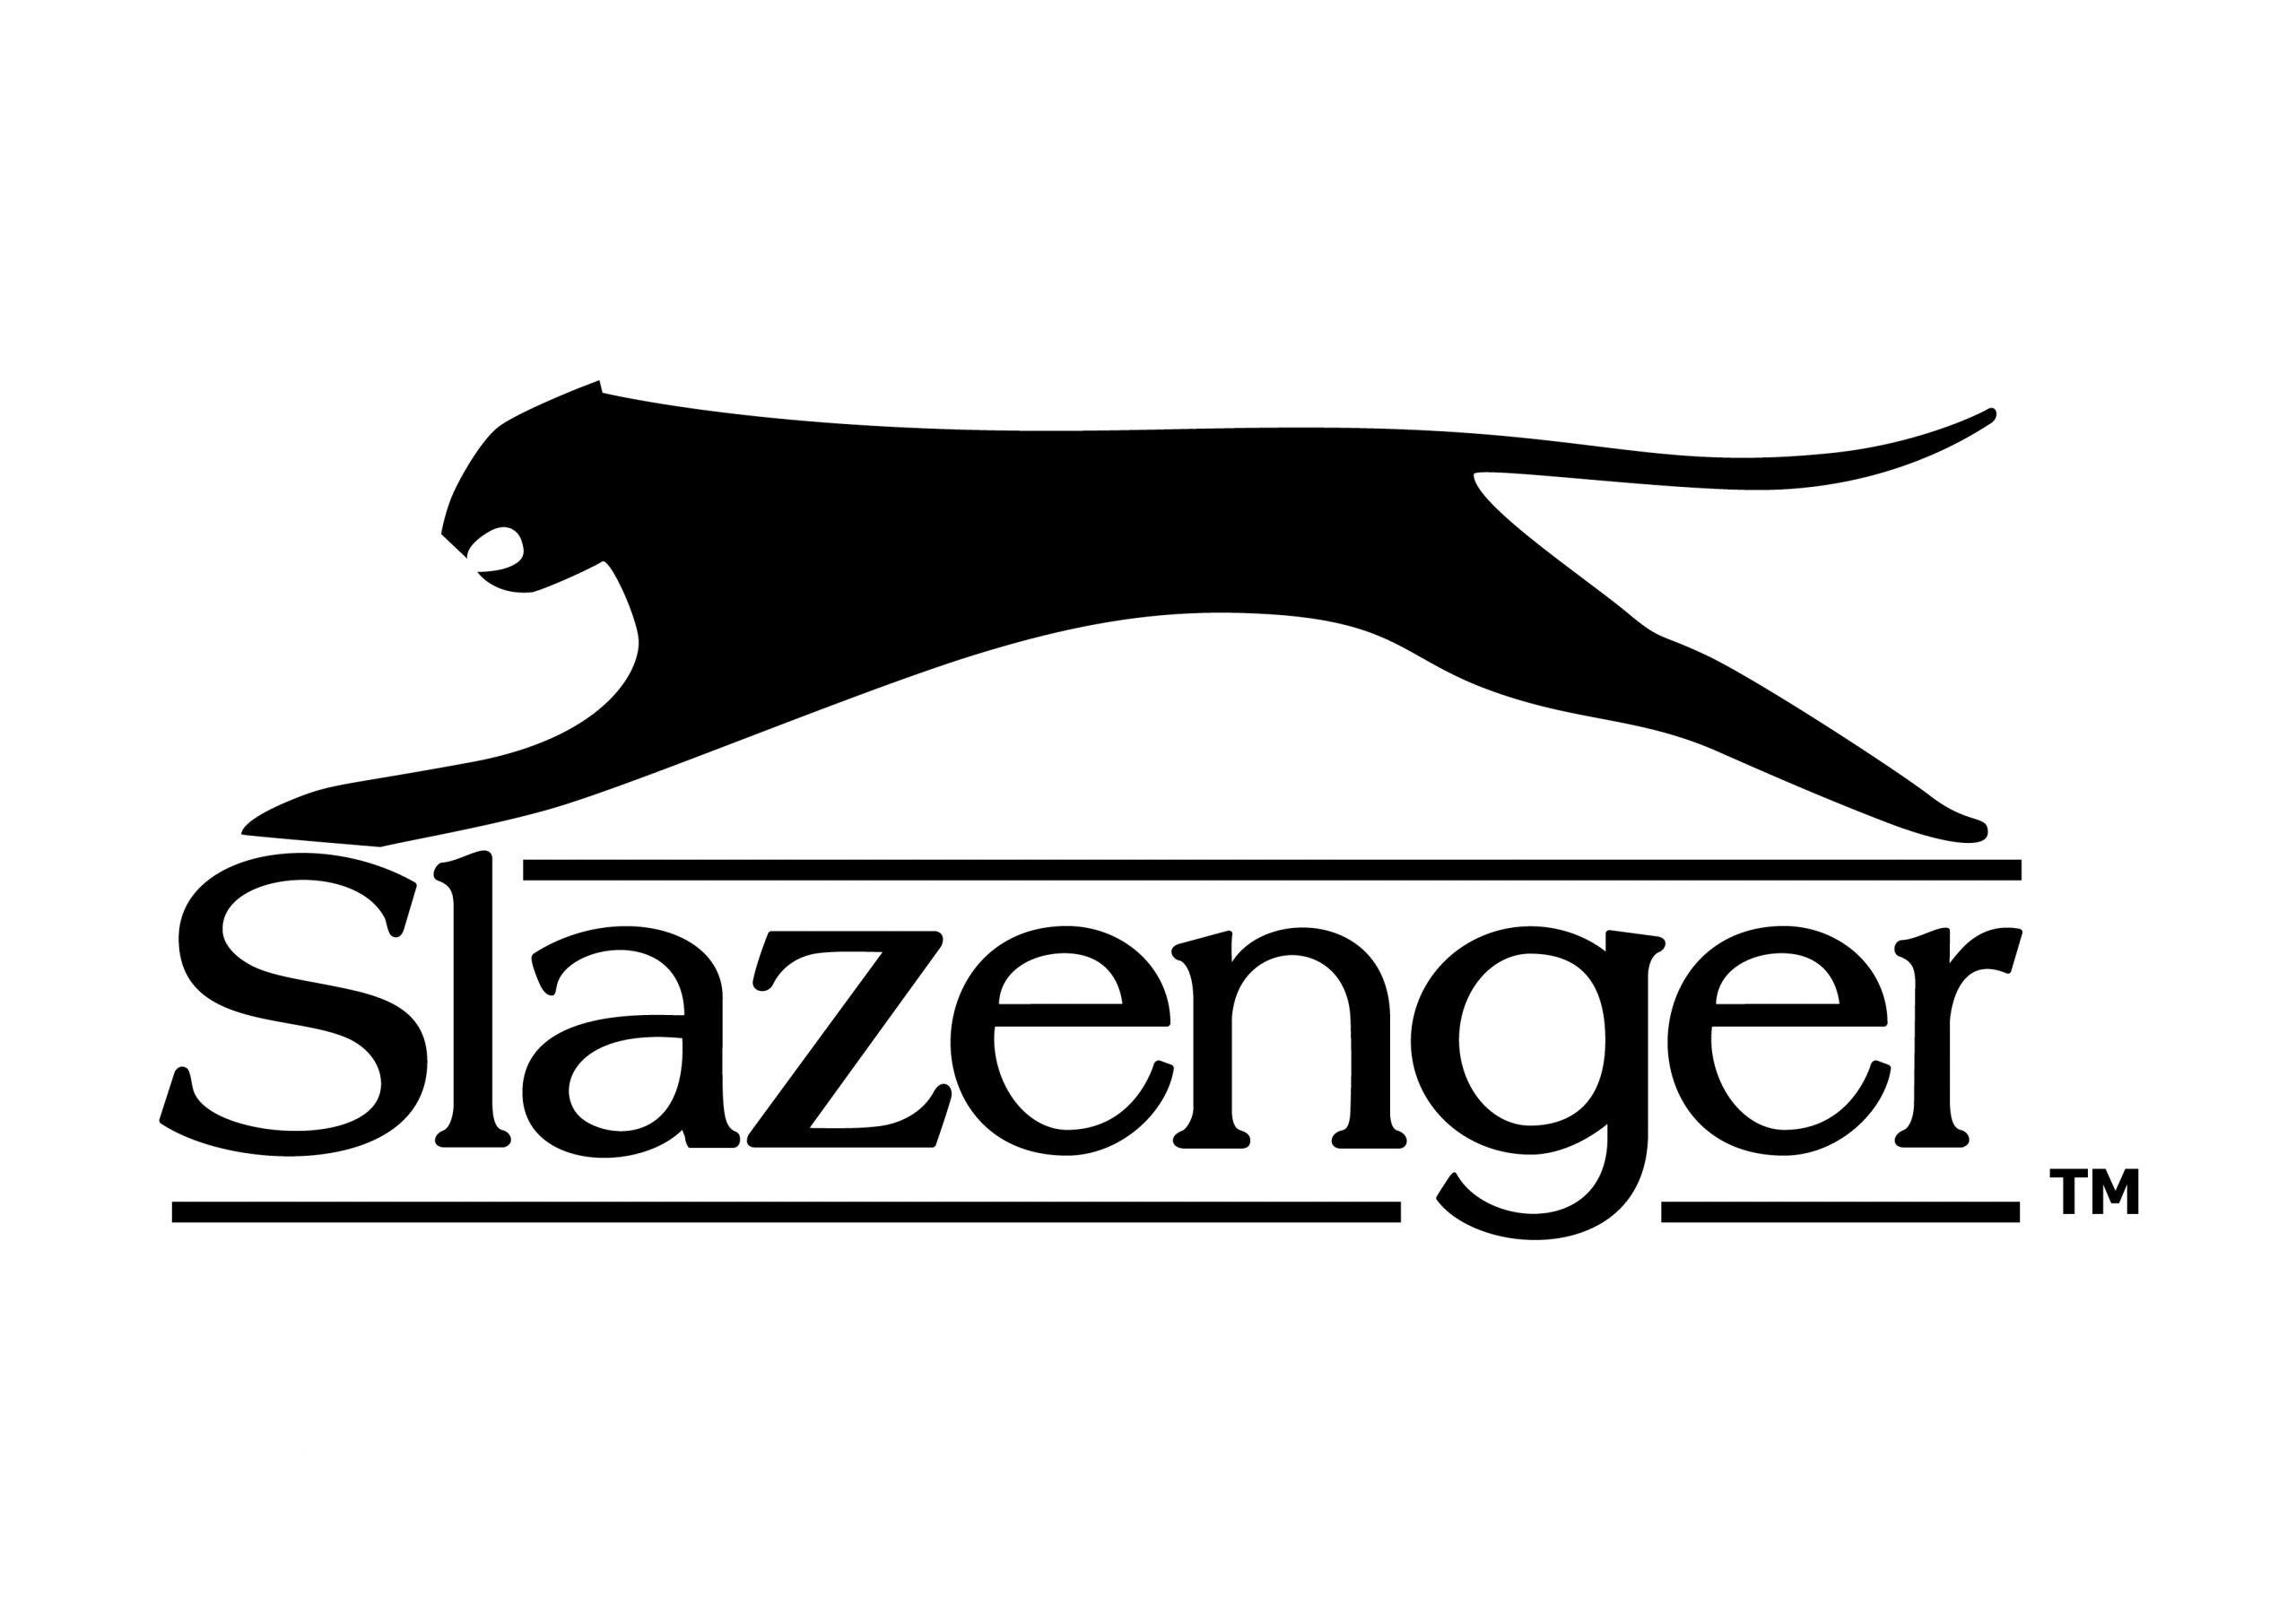 Slazenger-hi